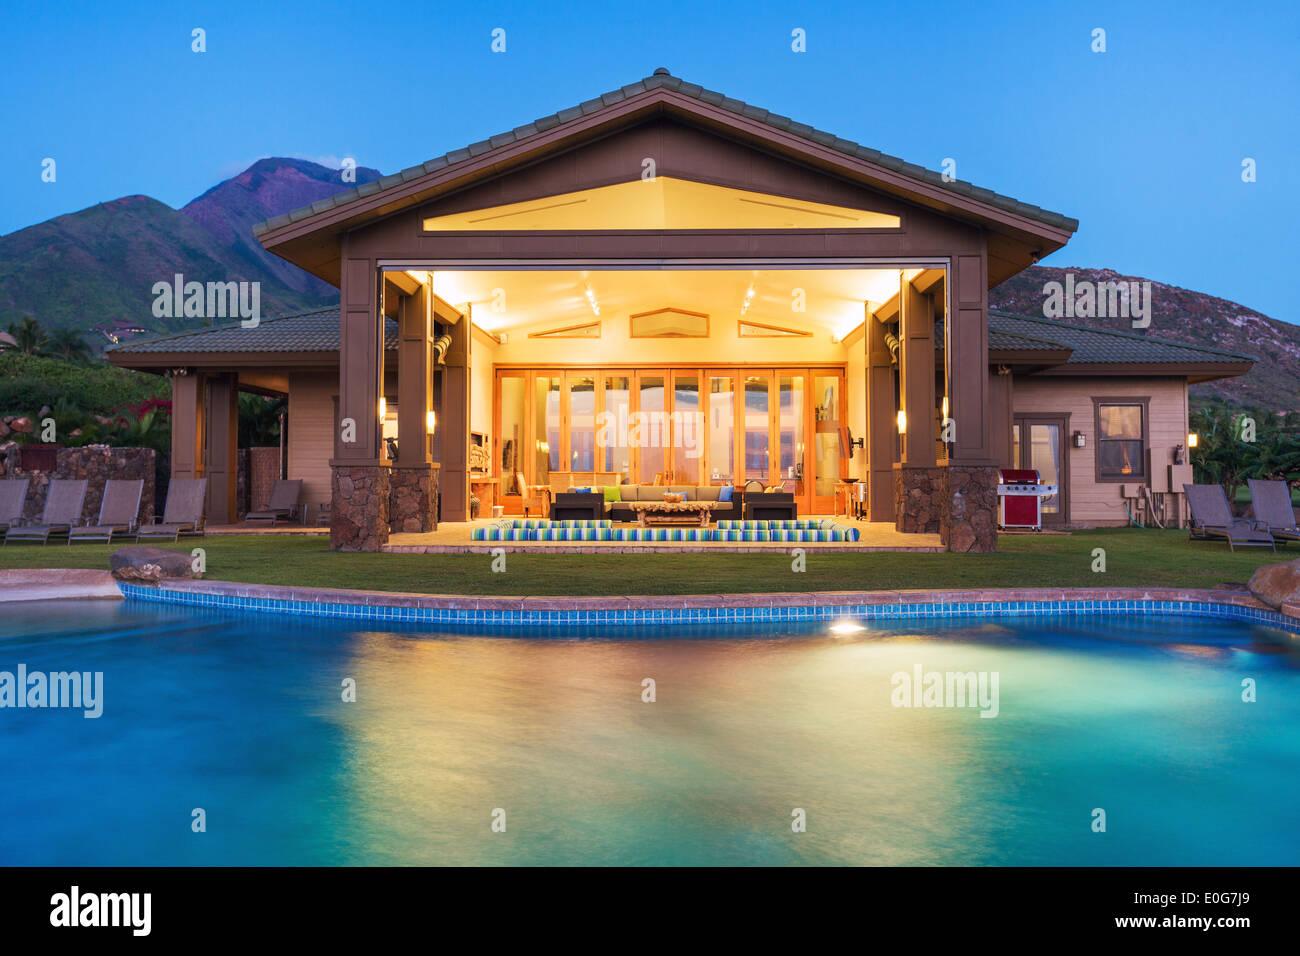 Casa di lusso con piscina al tramonto Immagini Stock